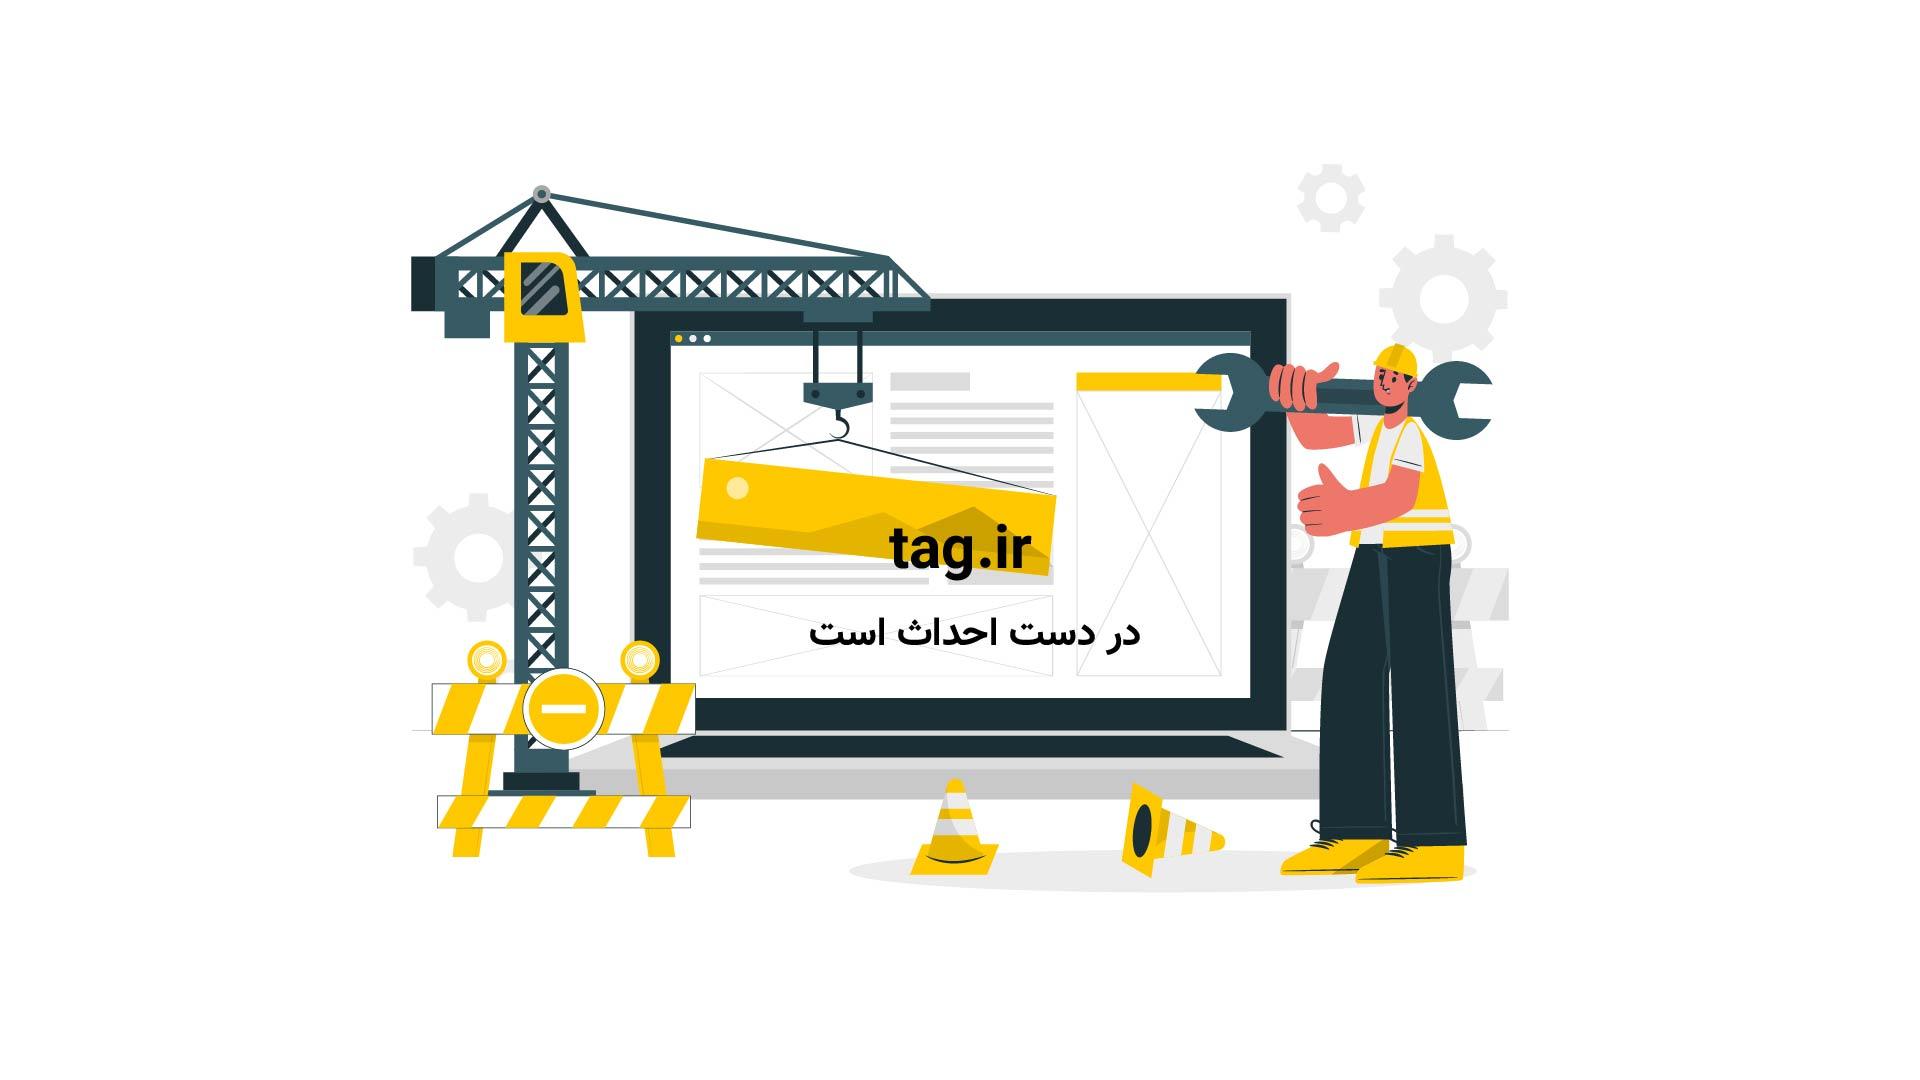 سوپر سیوهای فصل 2016-2017 فوتبال جهان